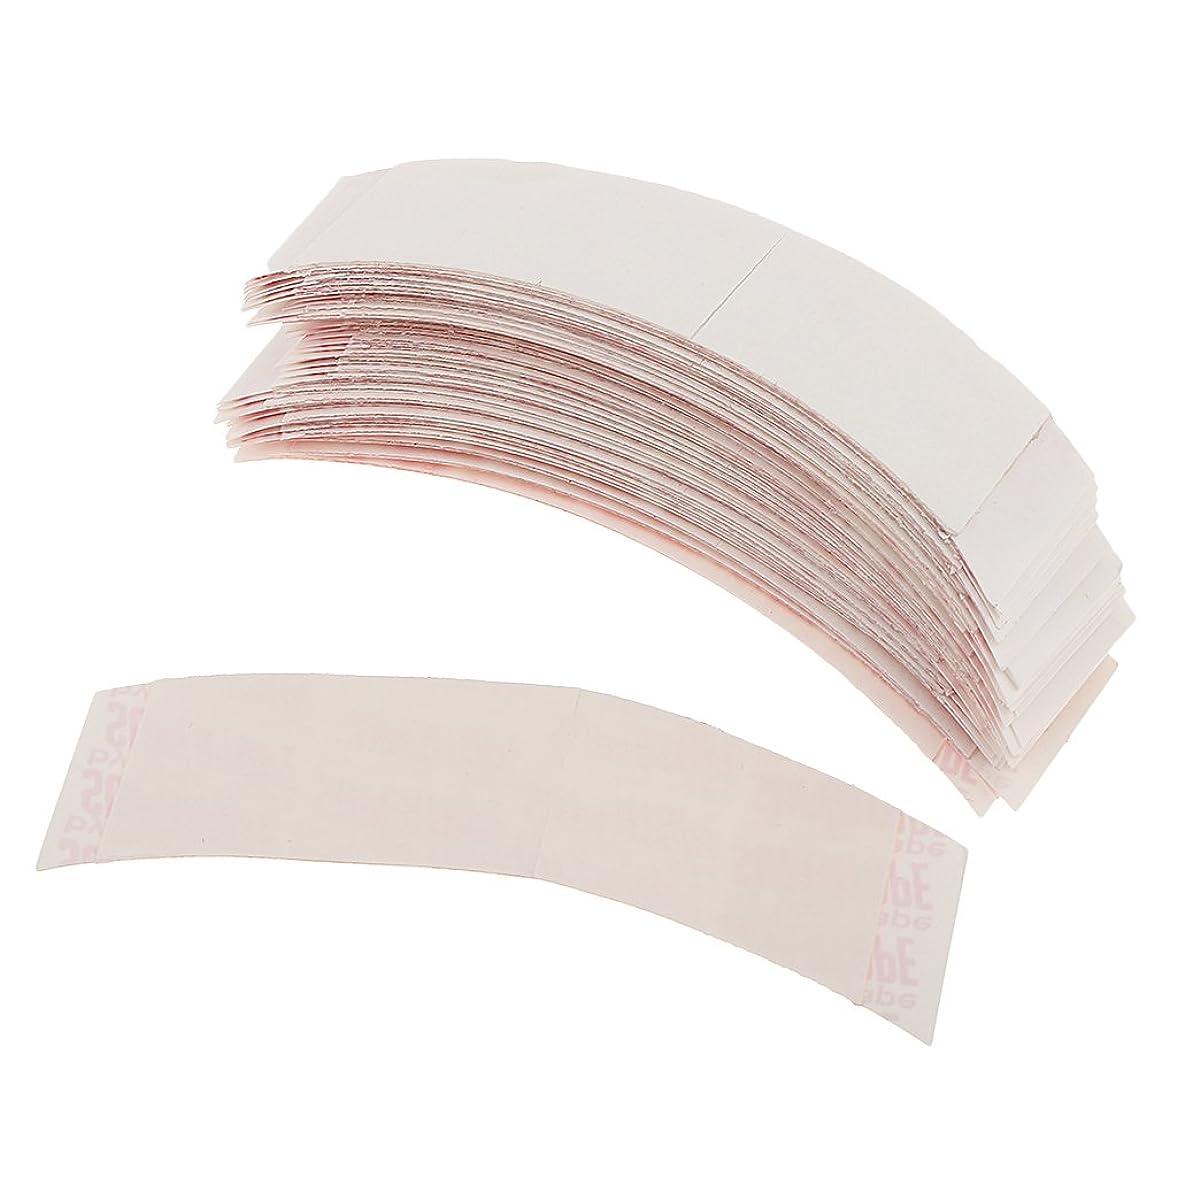 指定する表示スキニーSONONIA ヘアエクステンション ヘアエクス レース ヘアスタイリング 高品質 長持ち かつら 約36個 両面接着テープ